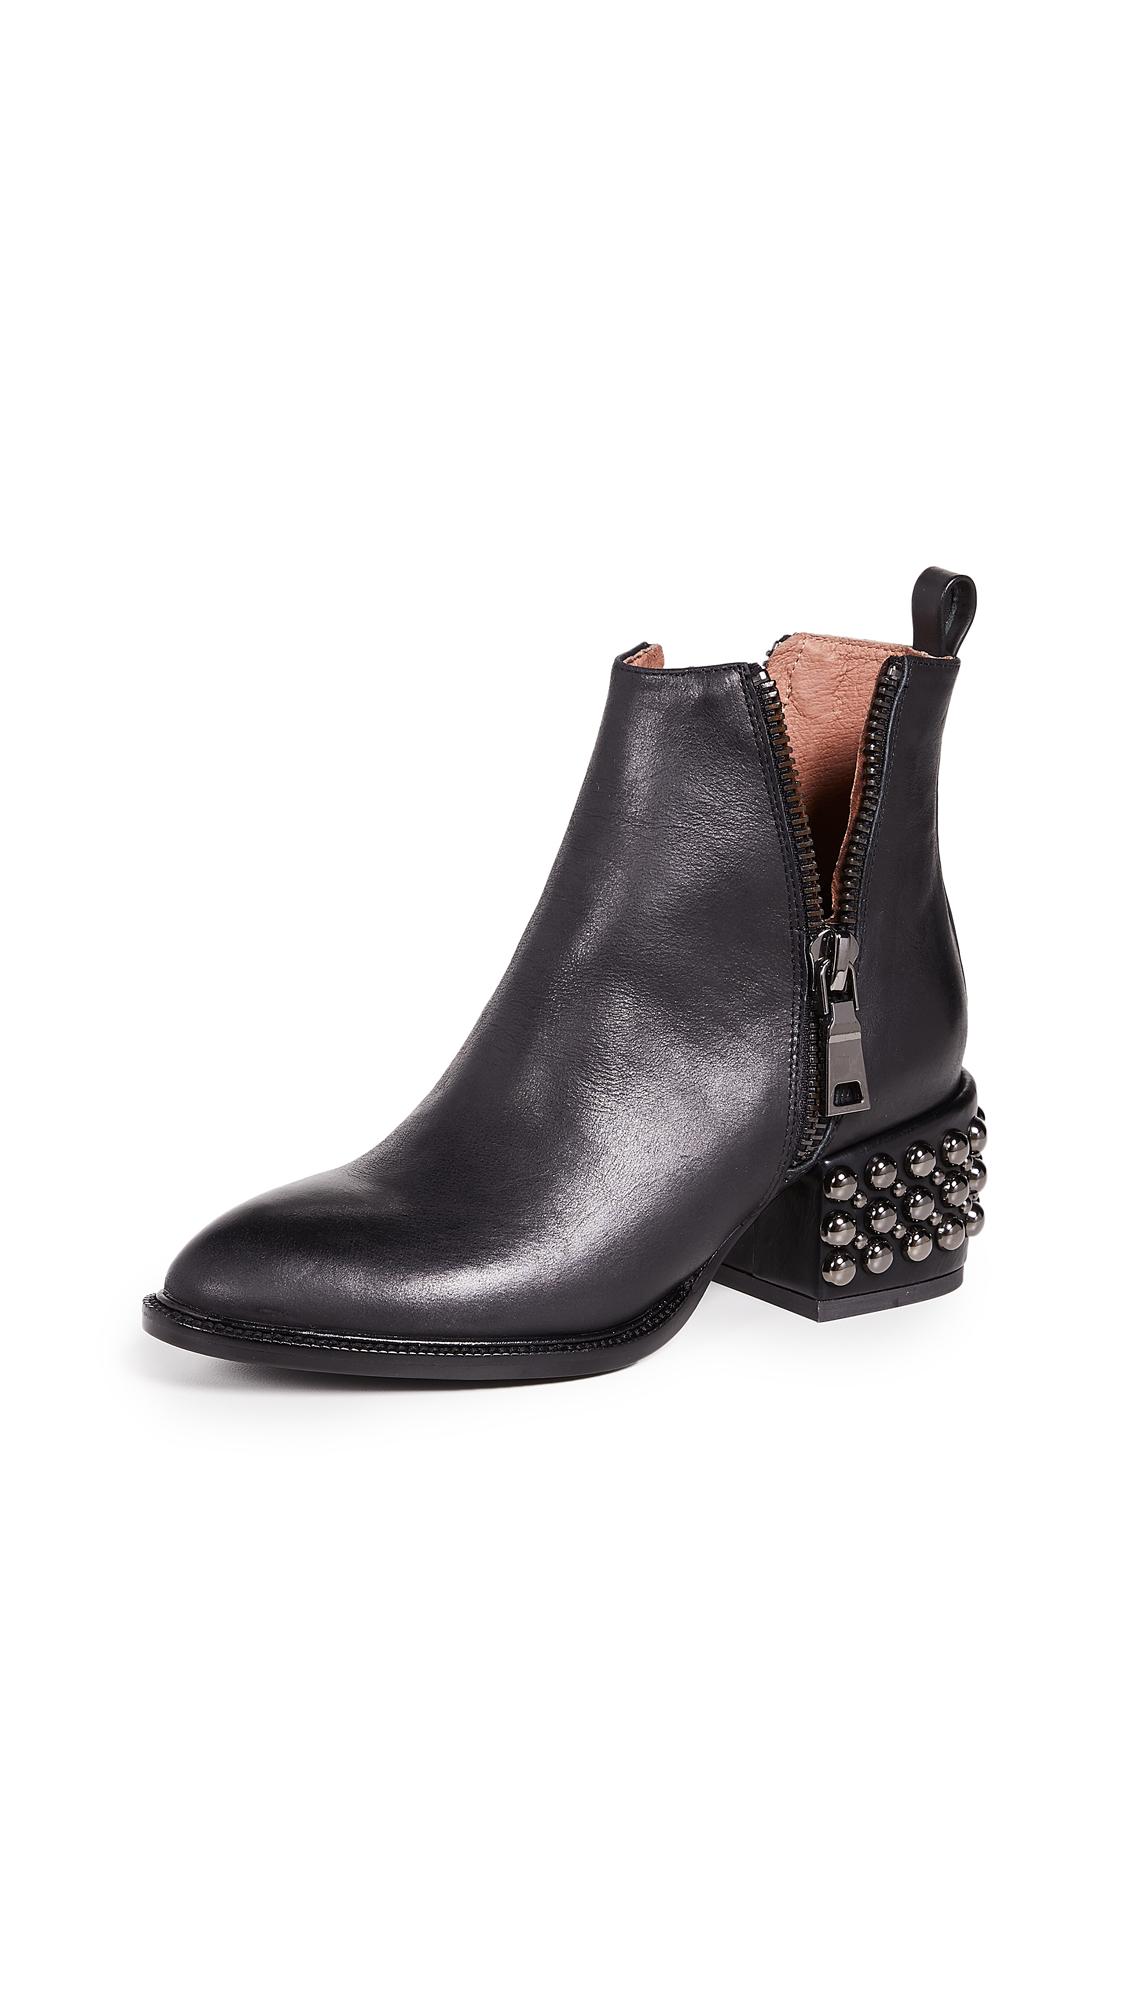 Jeffrey Campbell Boone Studded Heel Zip Booties - Black